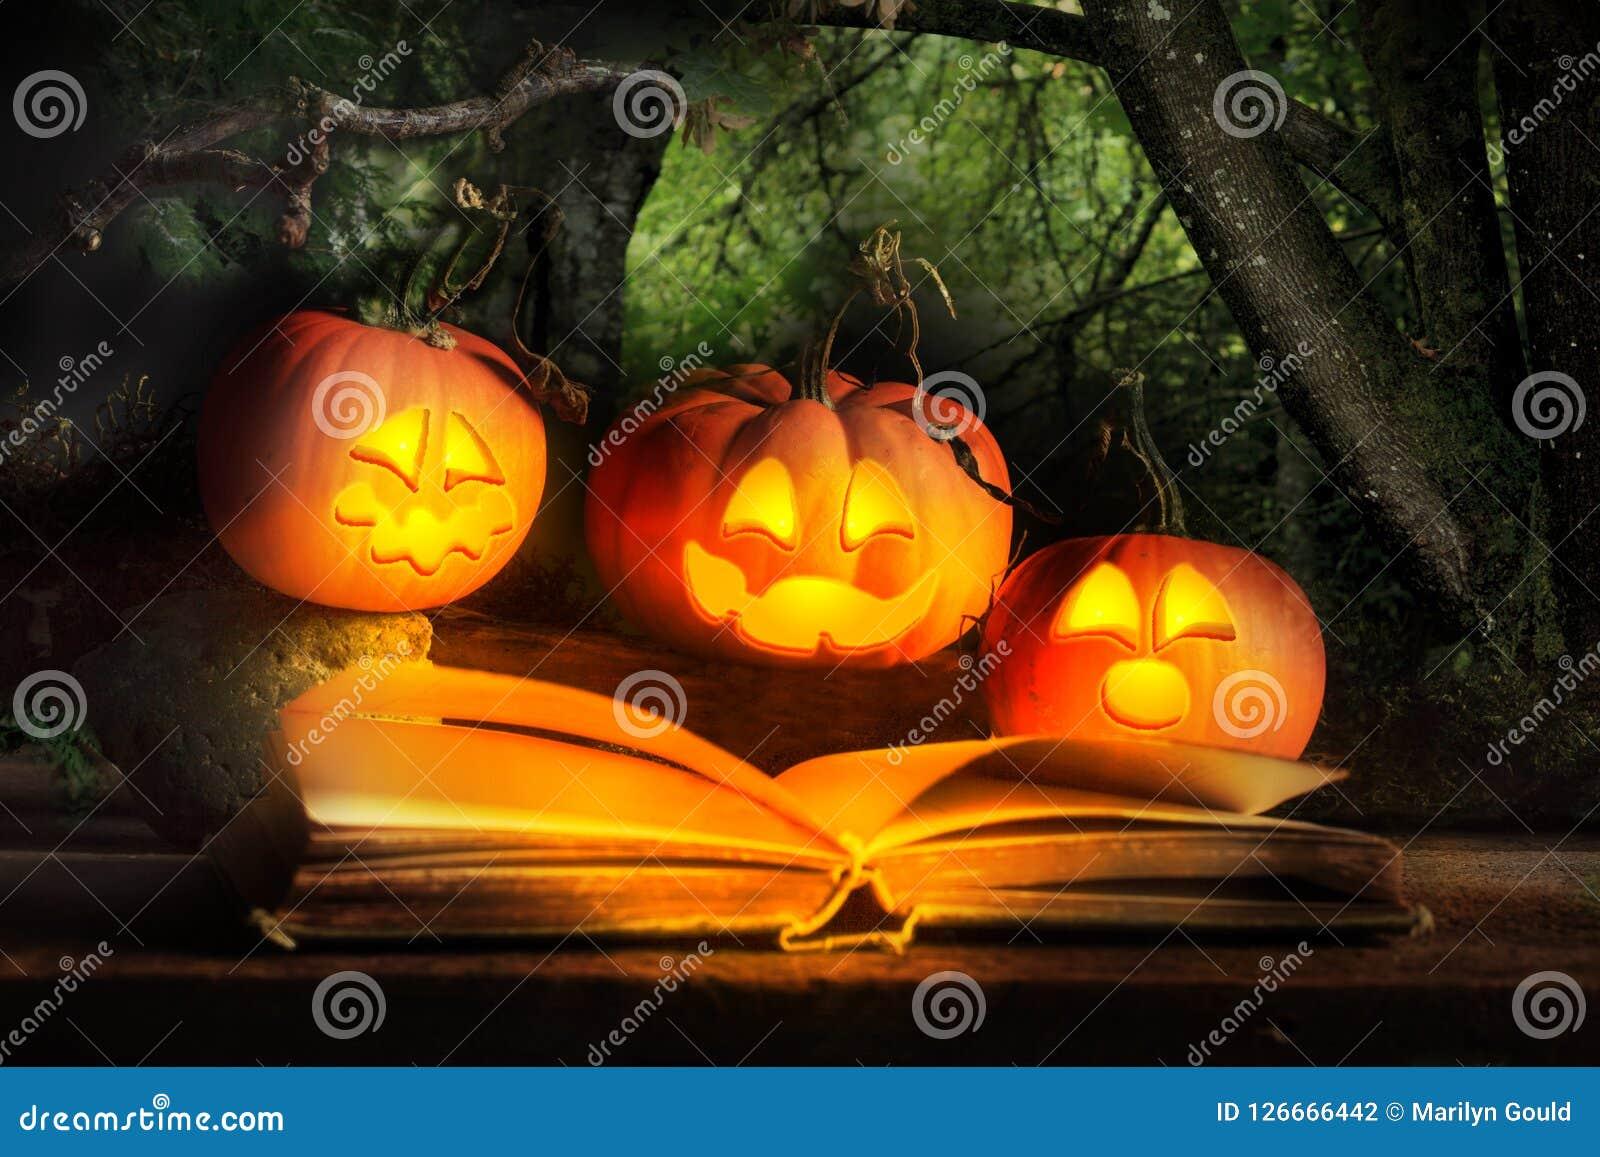 Halloween Jack-O-Lanterns Reading Scary Story Stock Photo - Image of